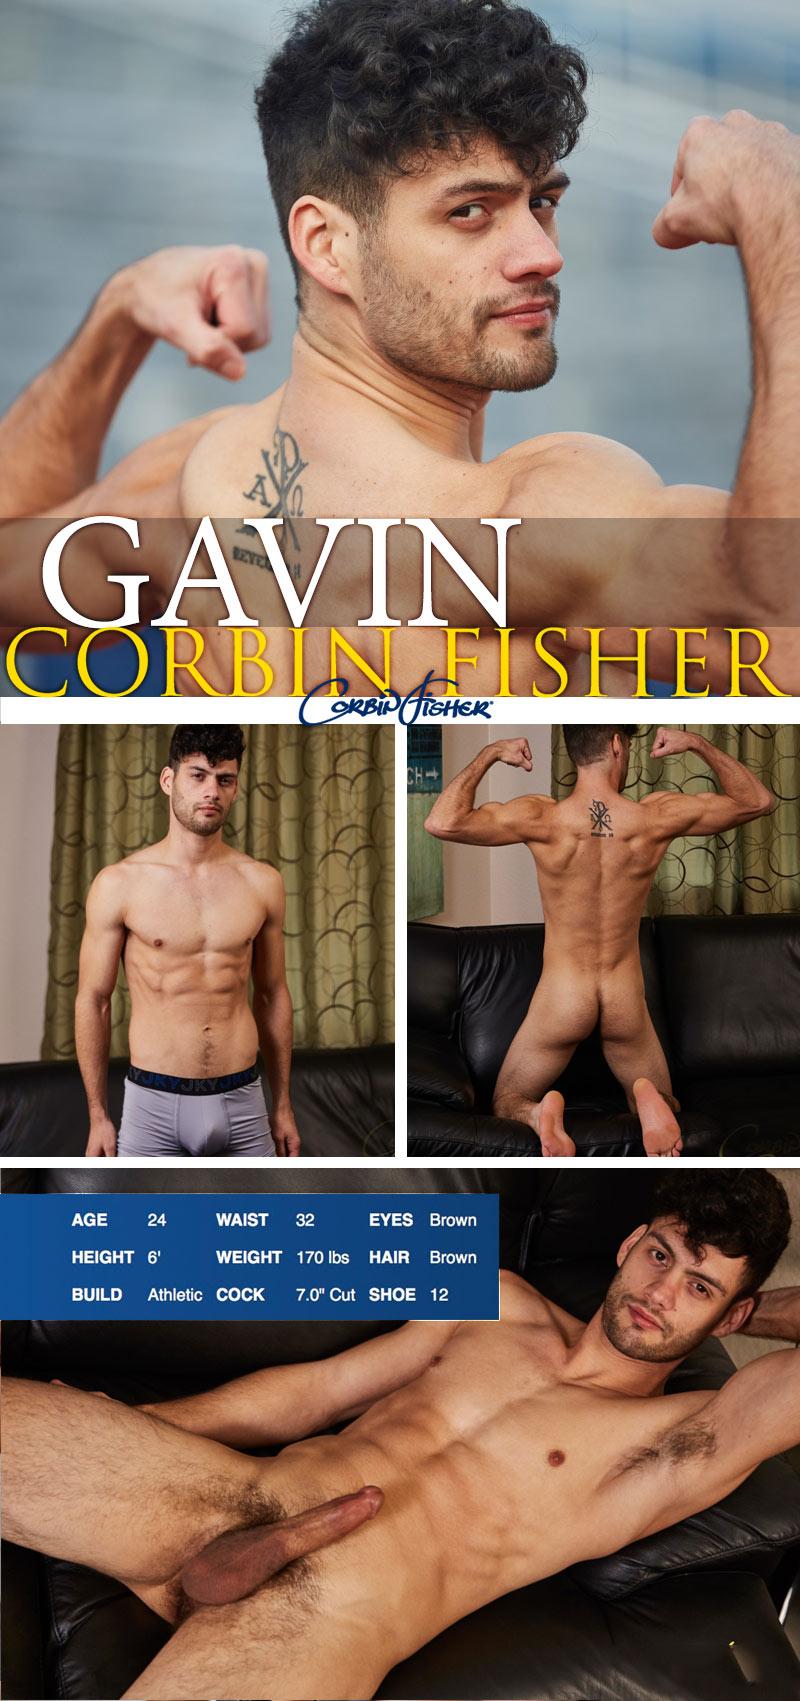 Gavin at CorbinFisher